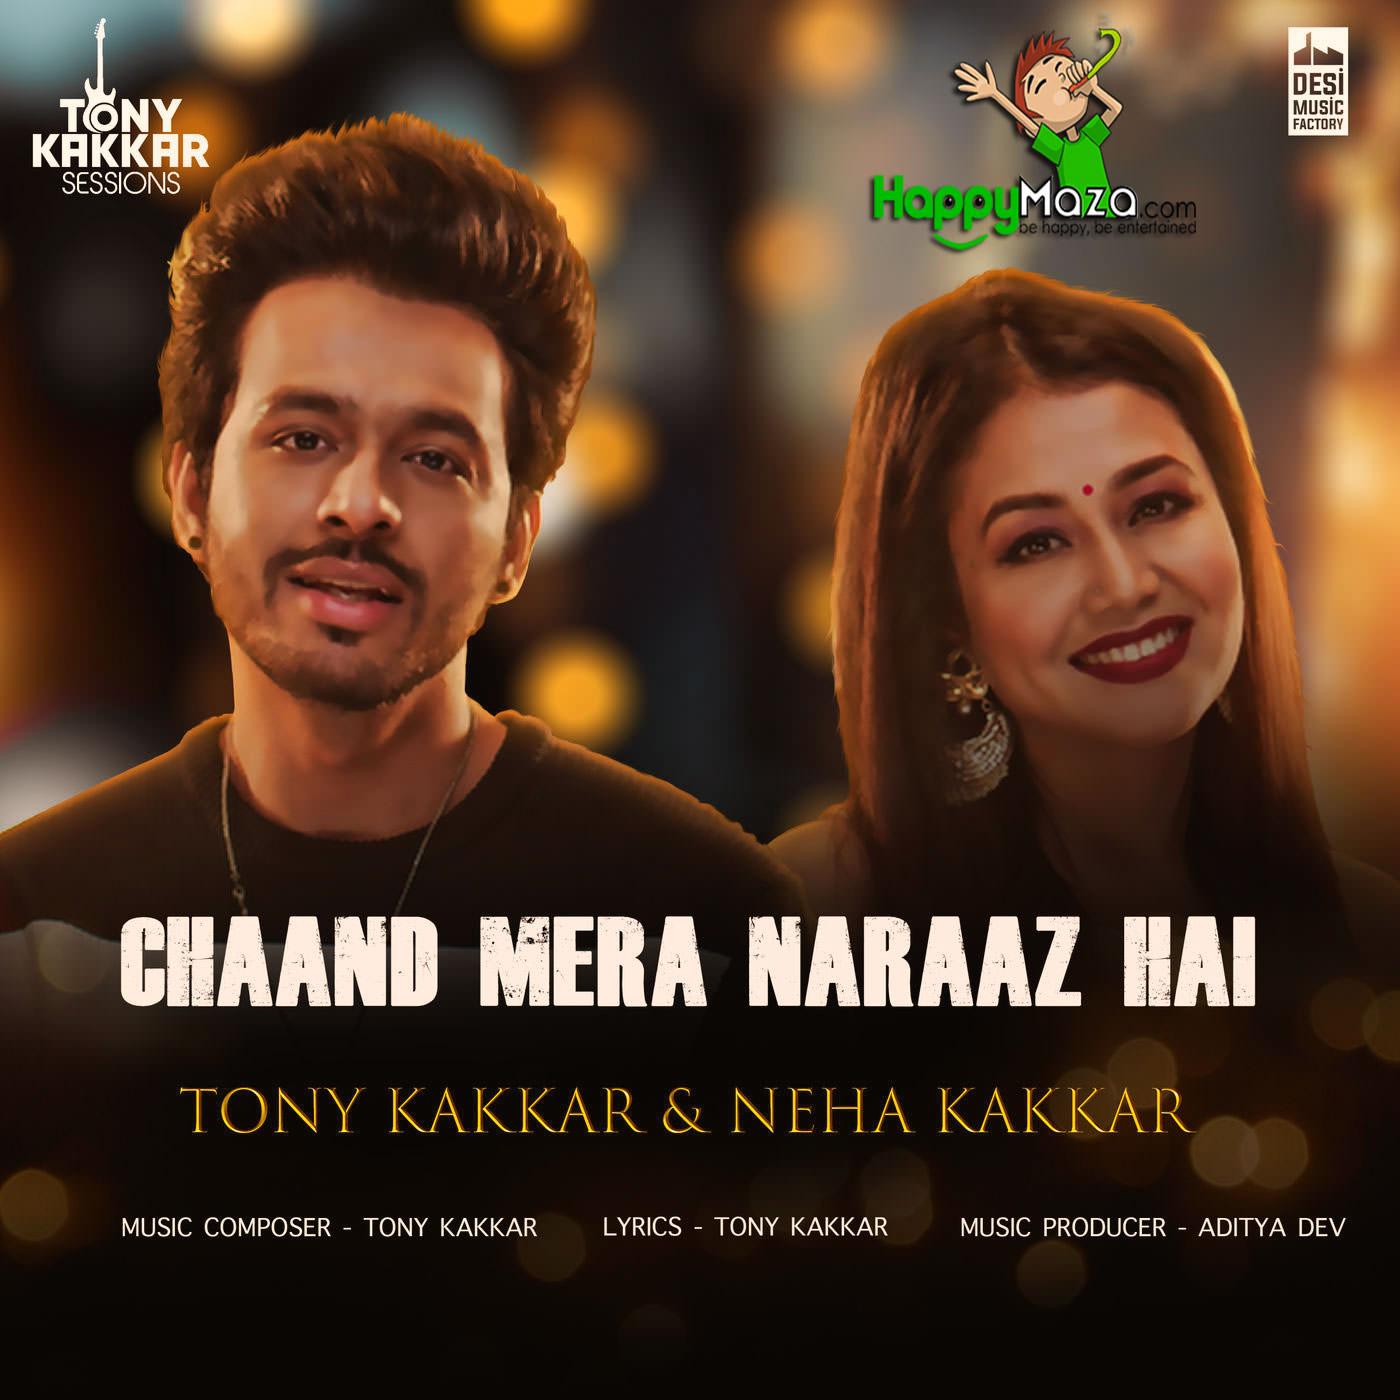 Naino Ki Jo Baat Dj Mp3 Song: Tony Kakkar & Neha Kakkar